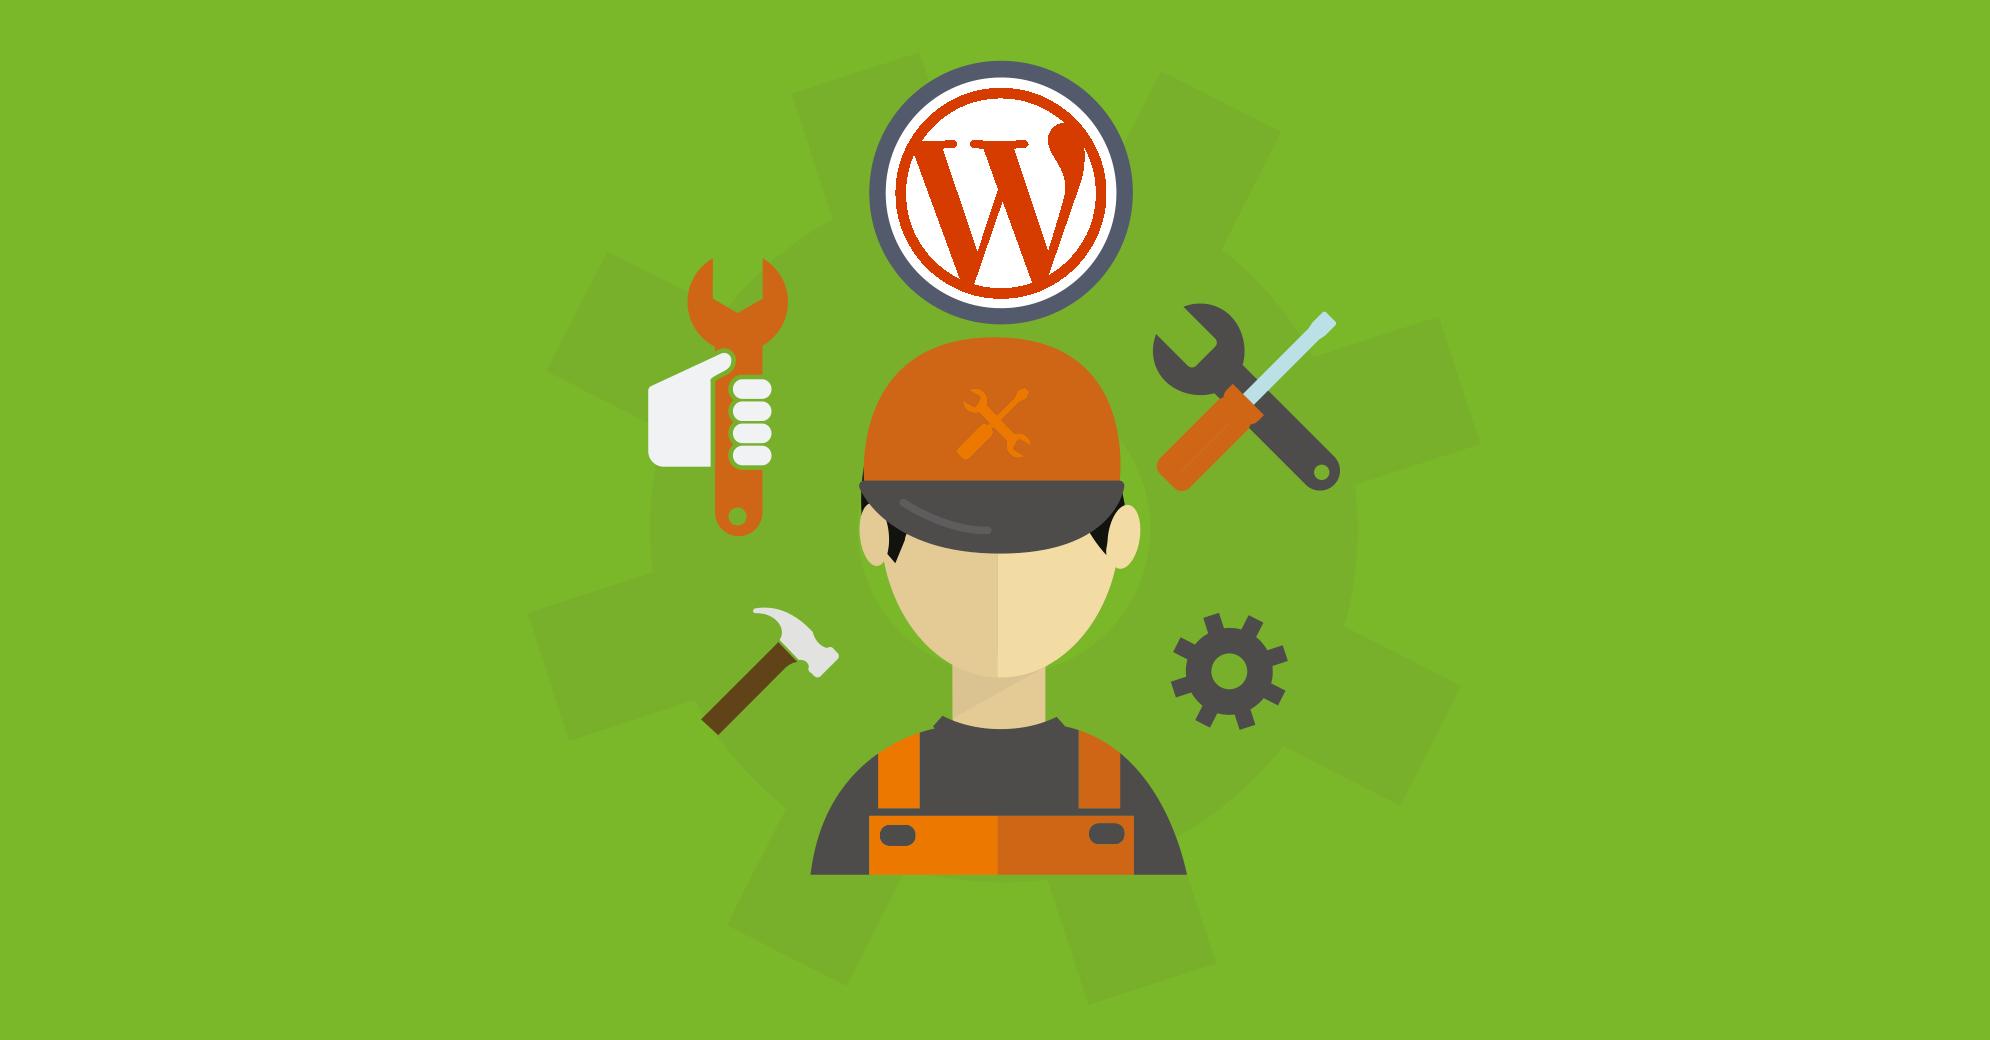 Ataque al 29% de los sitios web fácilmente usando DDoS y WordPress